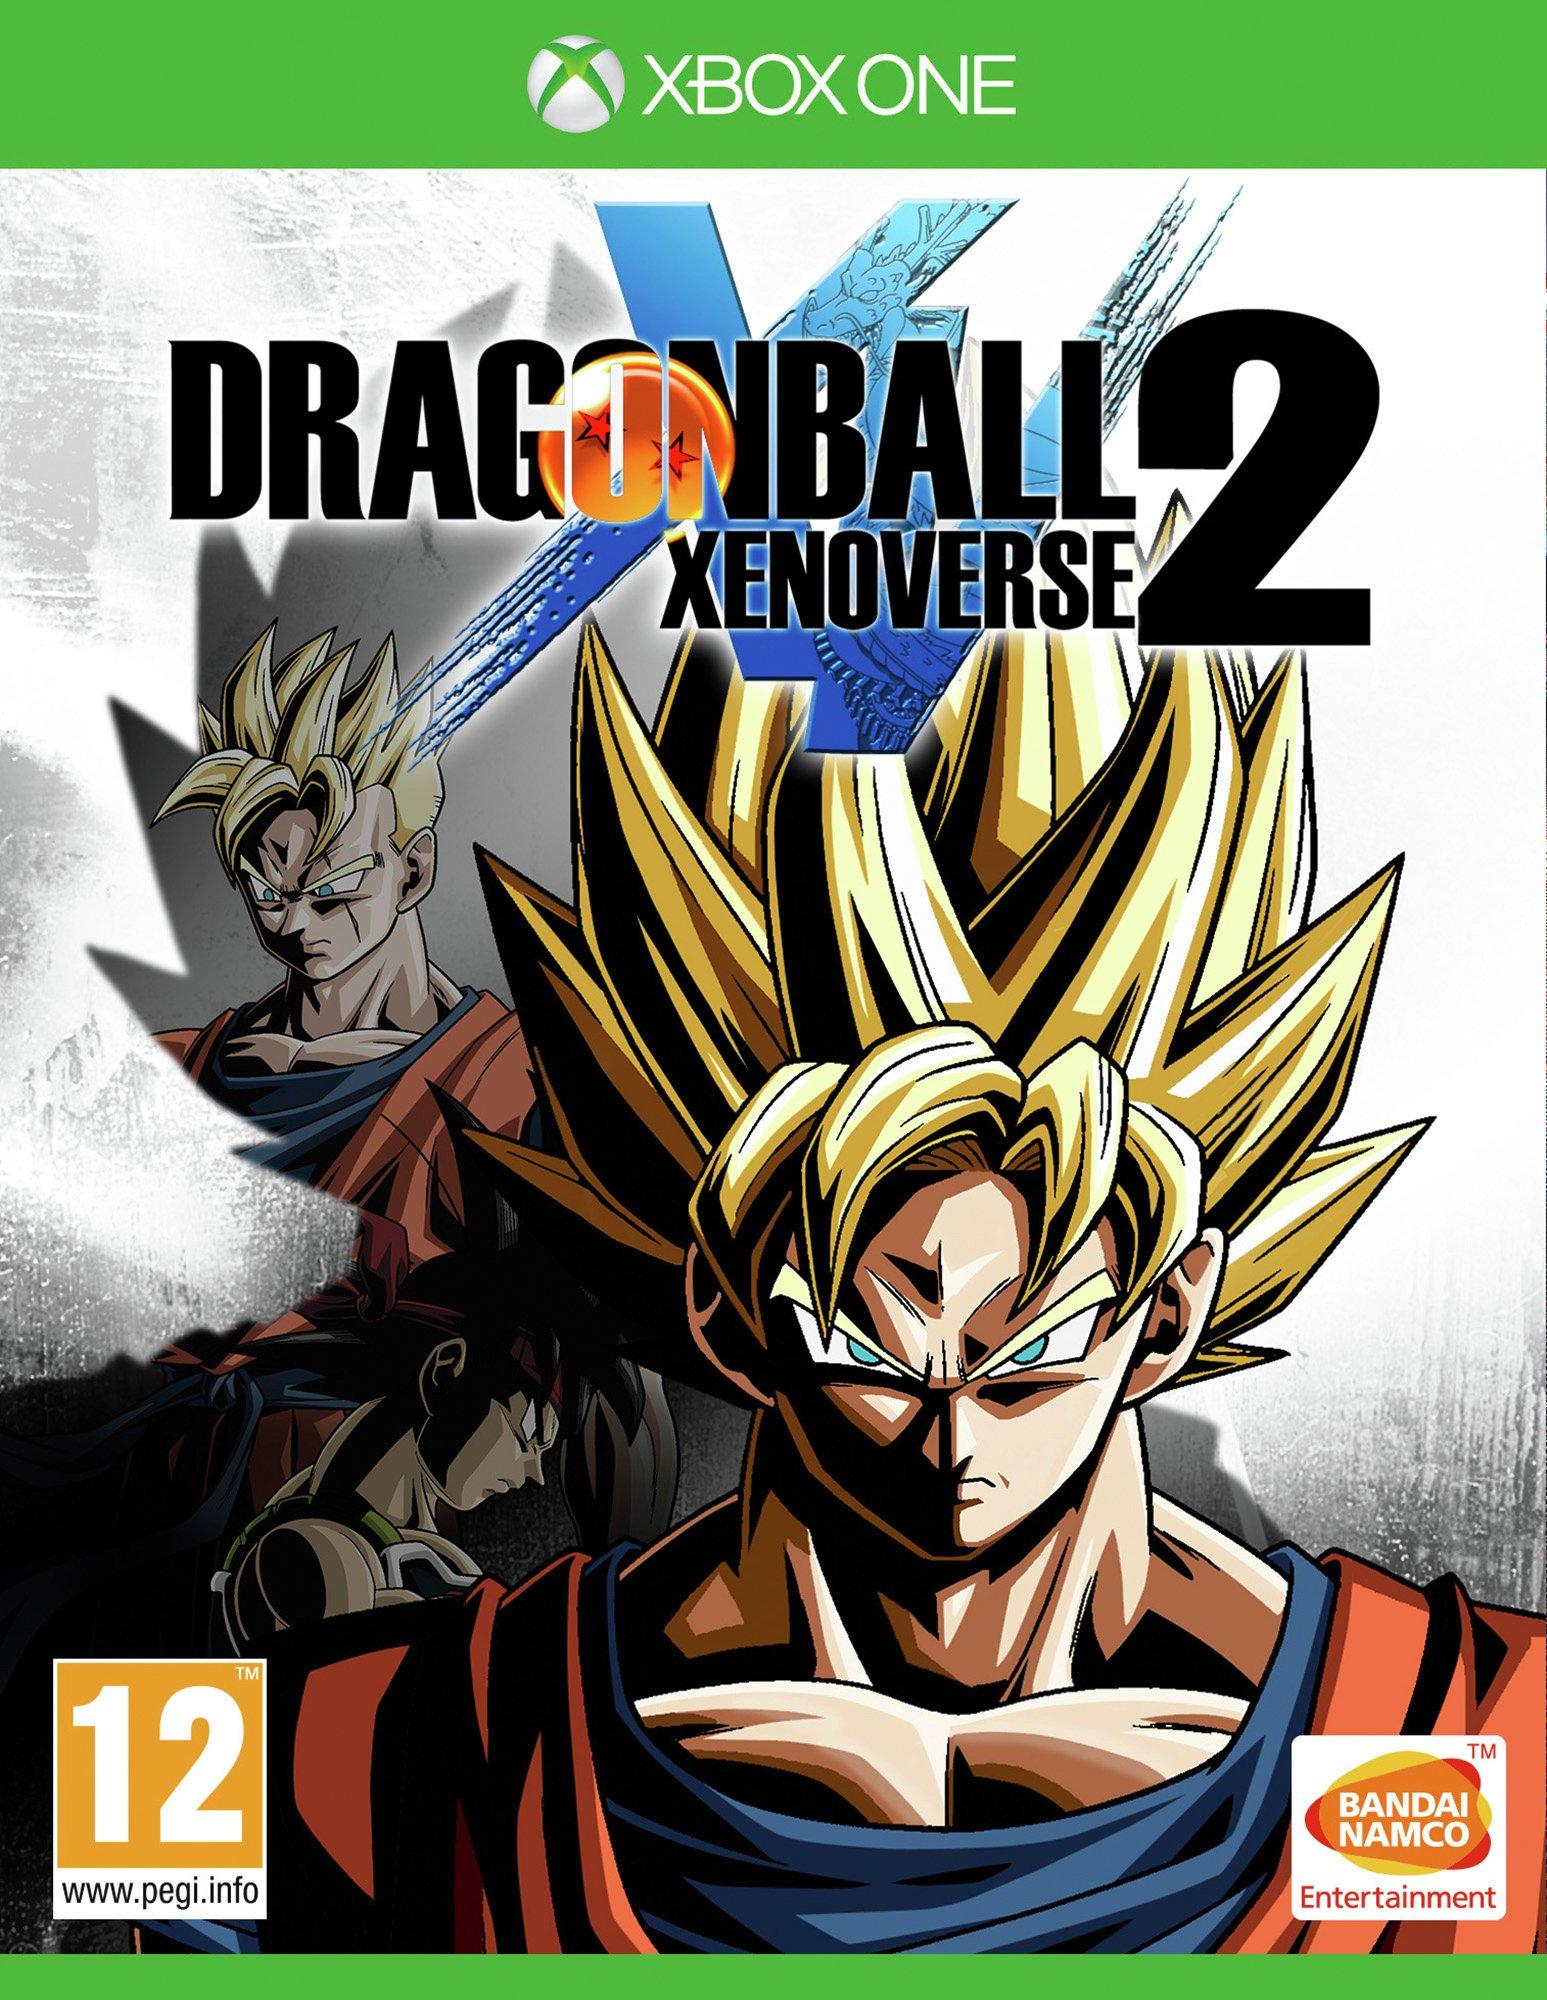 Dragon Ball Xenoverse 2 Xbox One Game